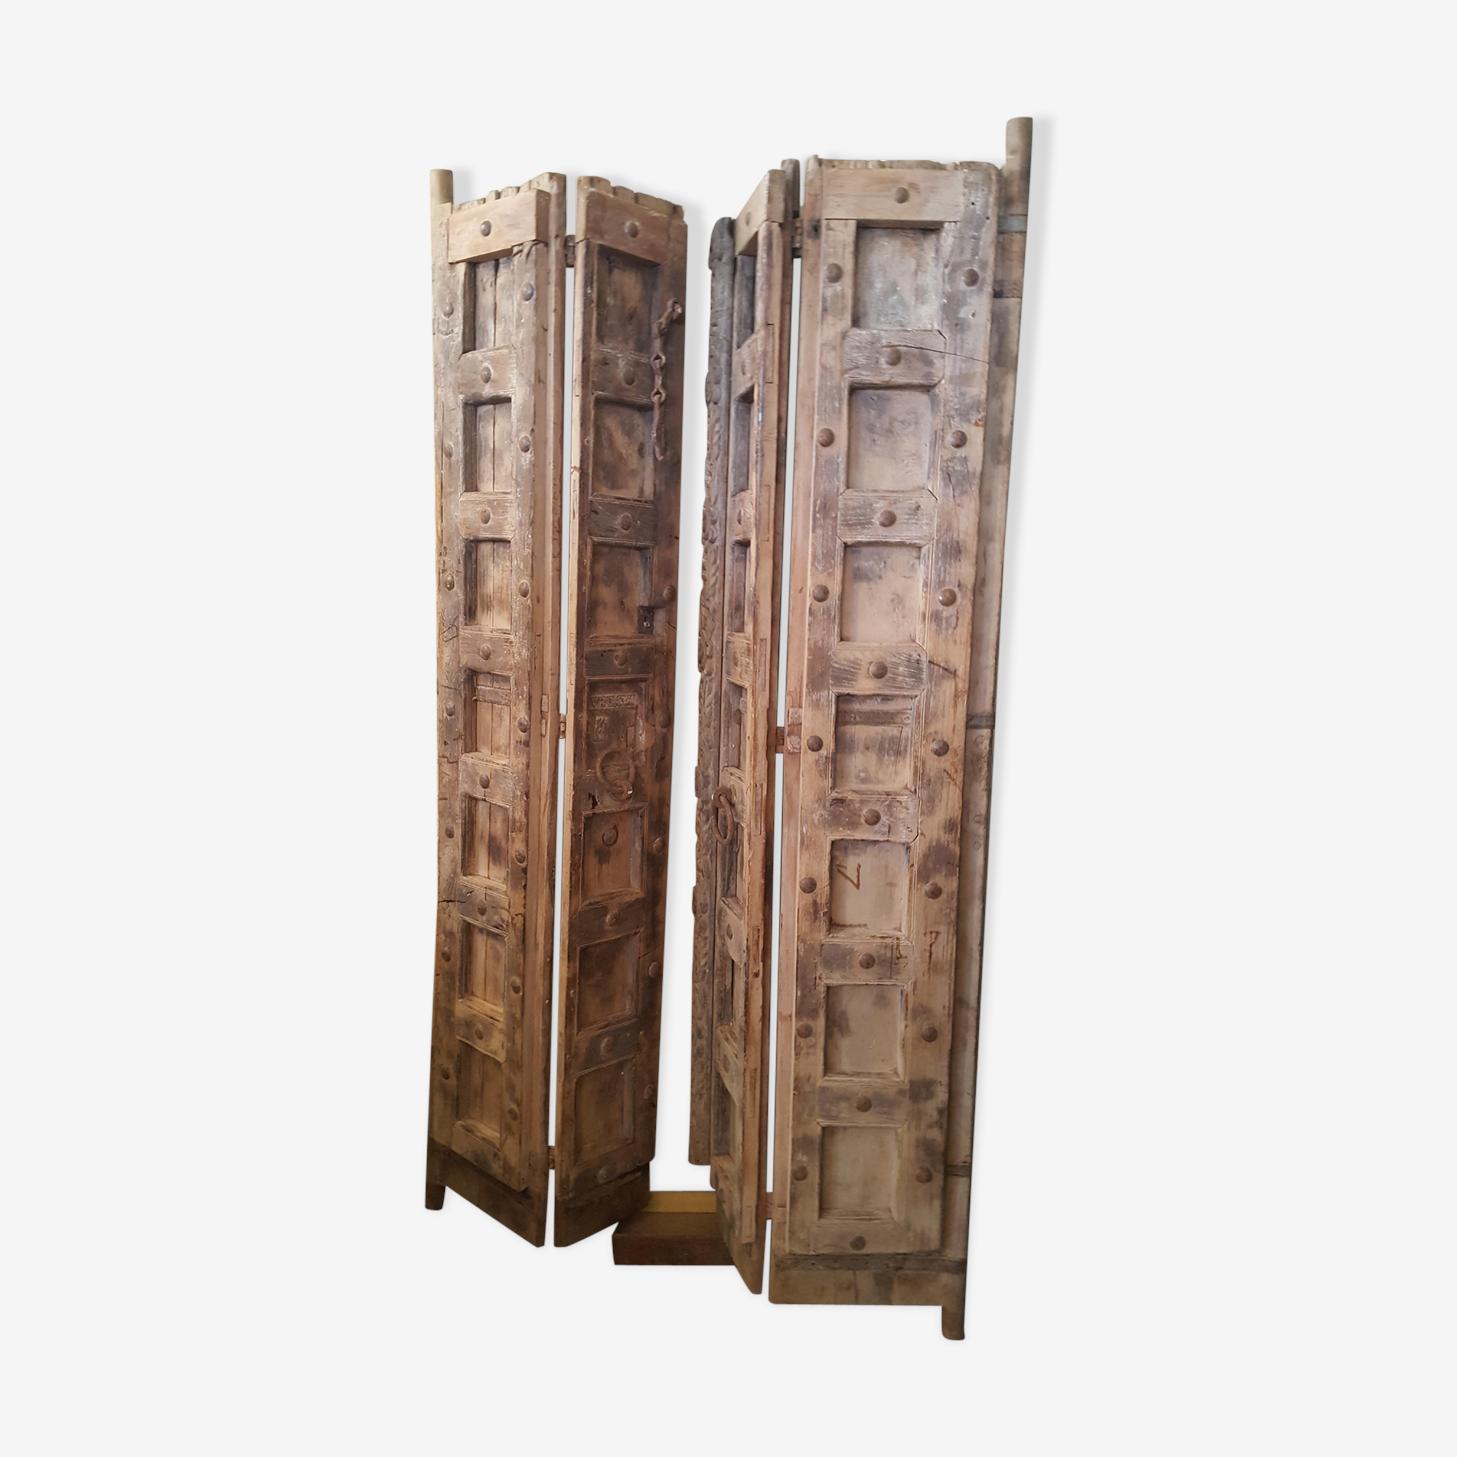 Porte indienne double vanteaux XIXeme